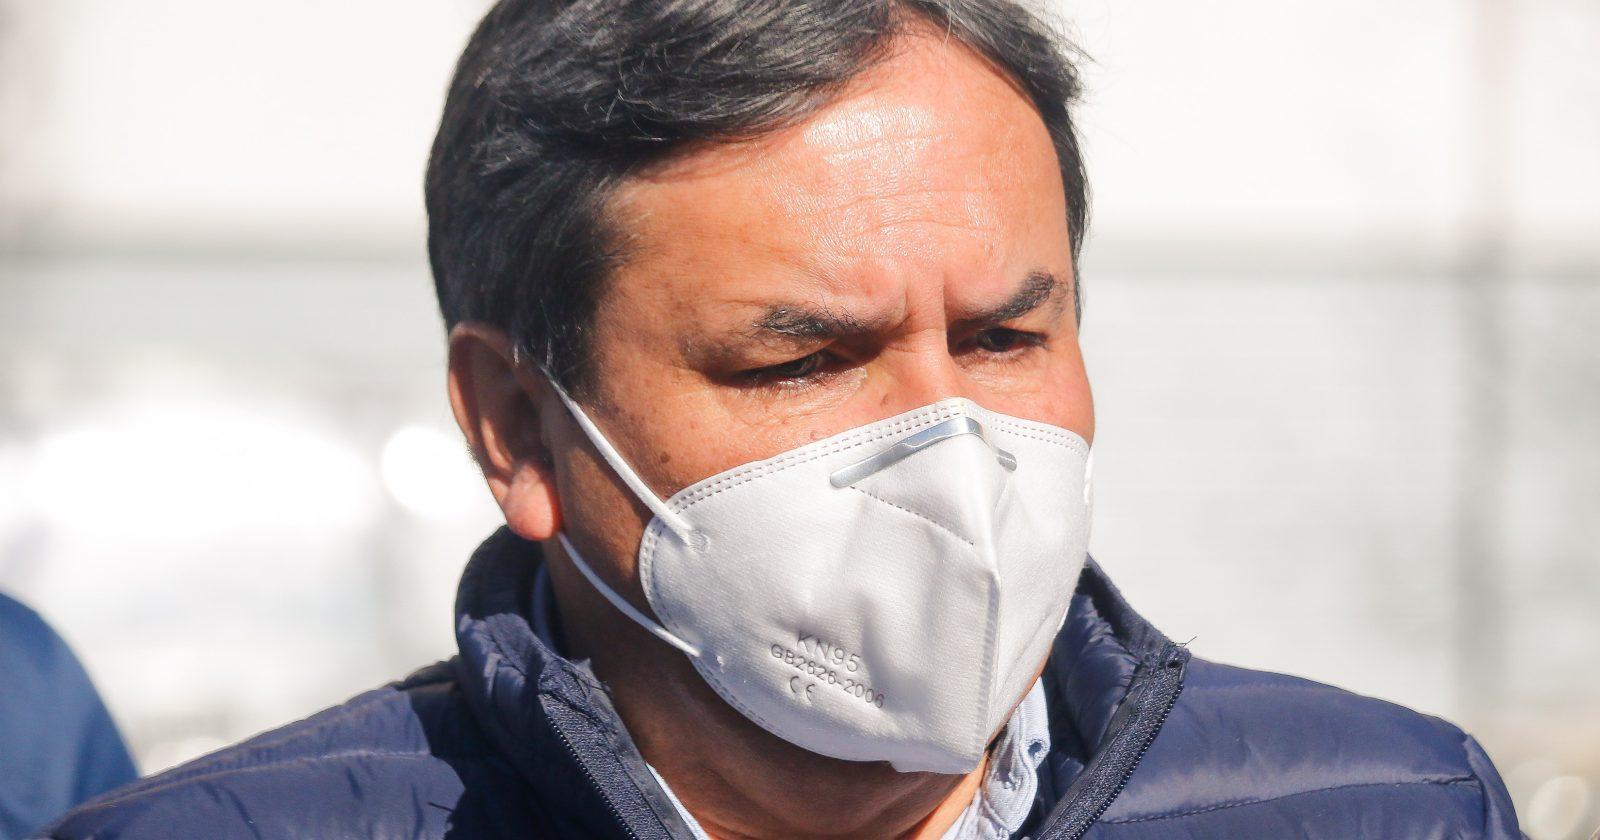 Alcalde de Quillota confirma que está contagiado de coronavirus